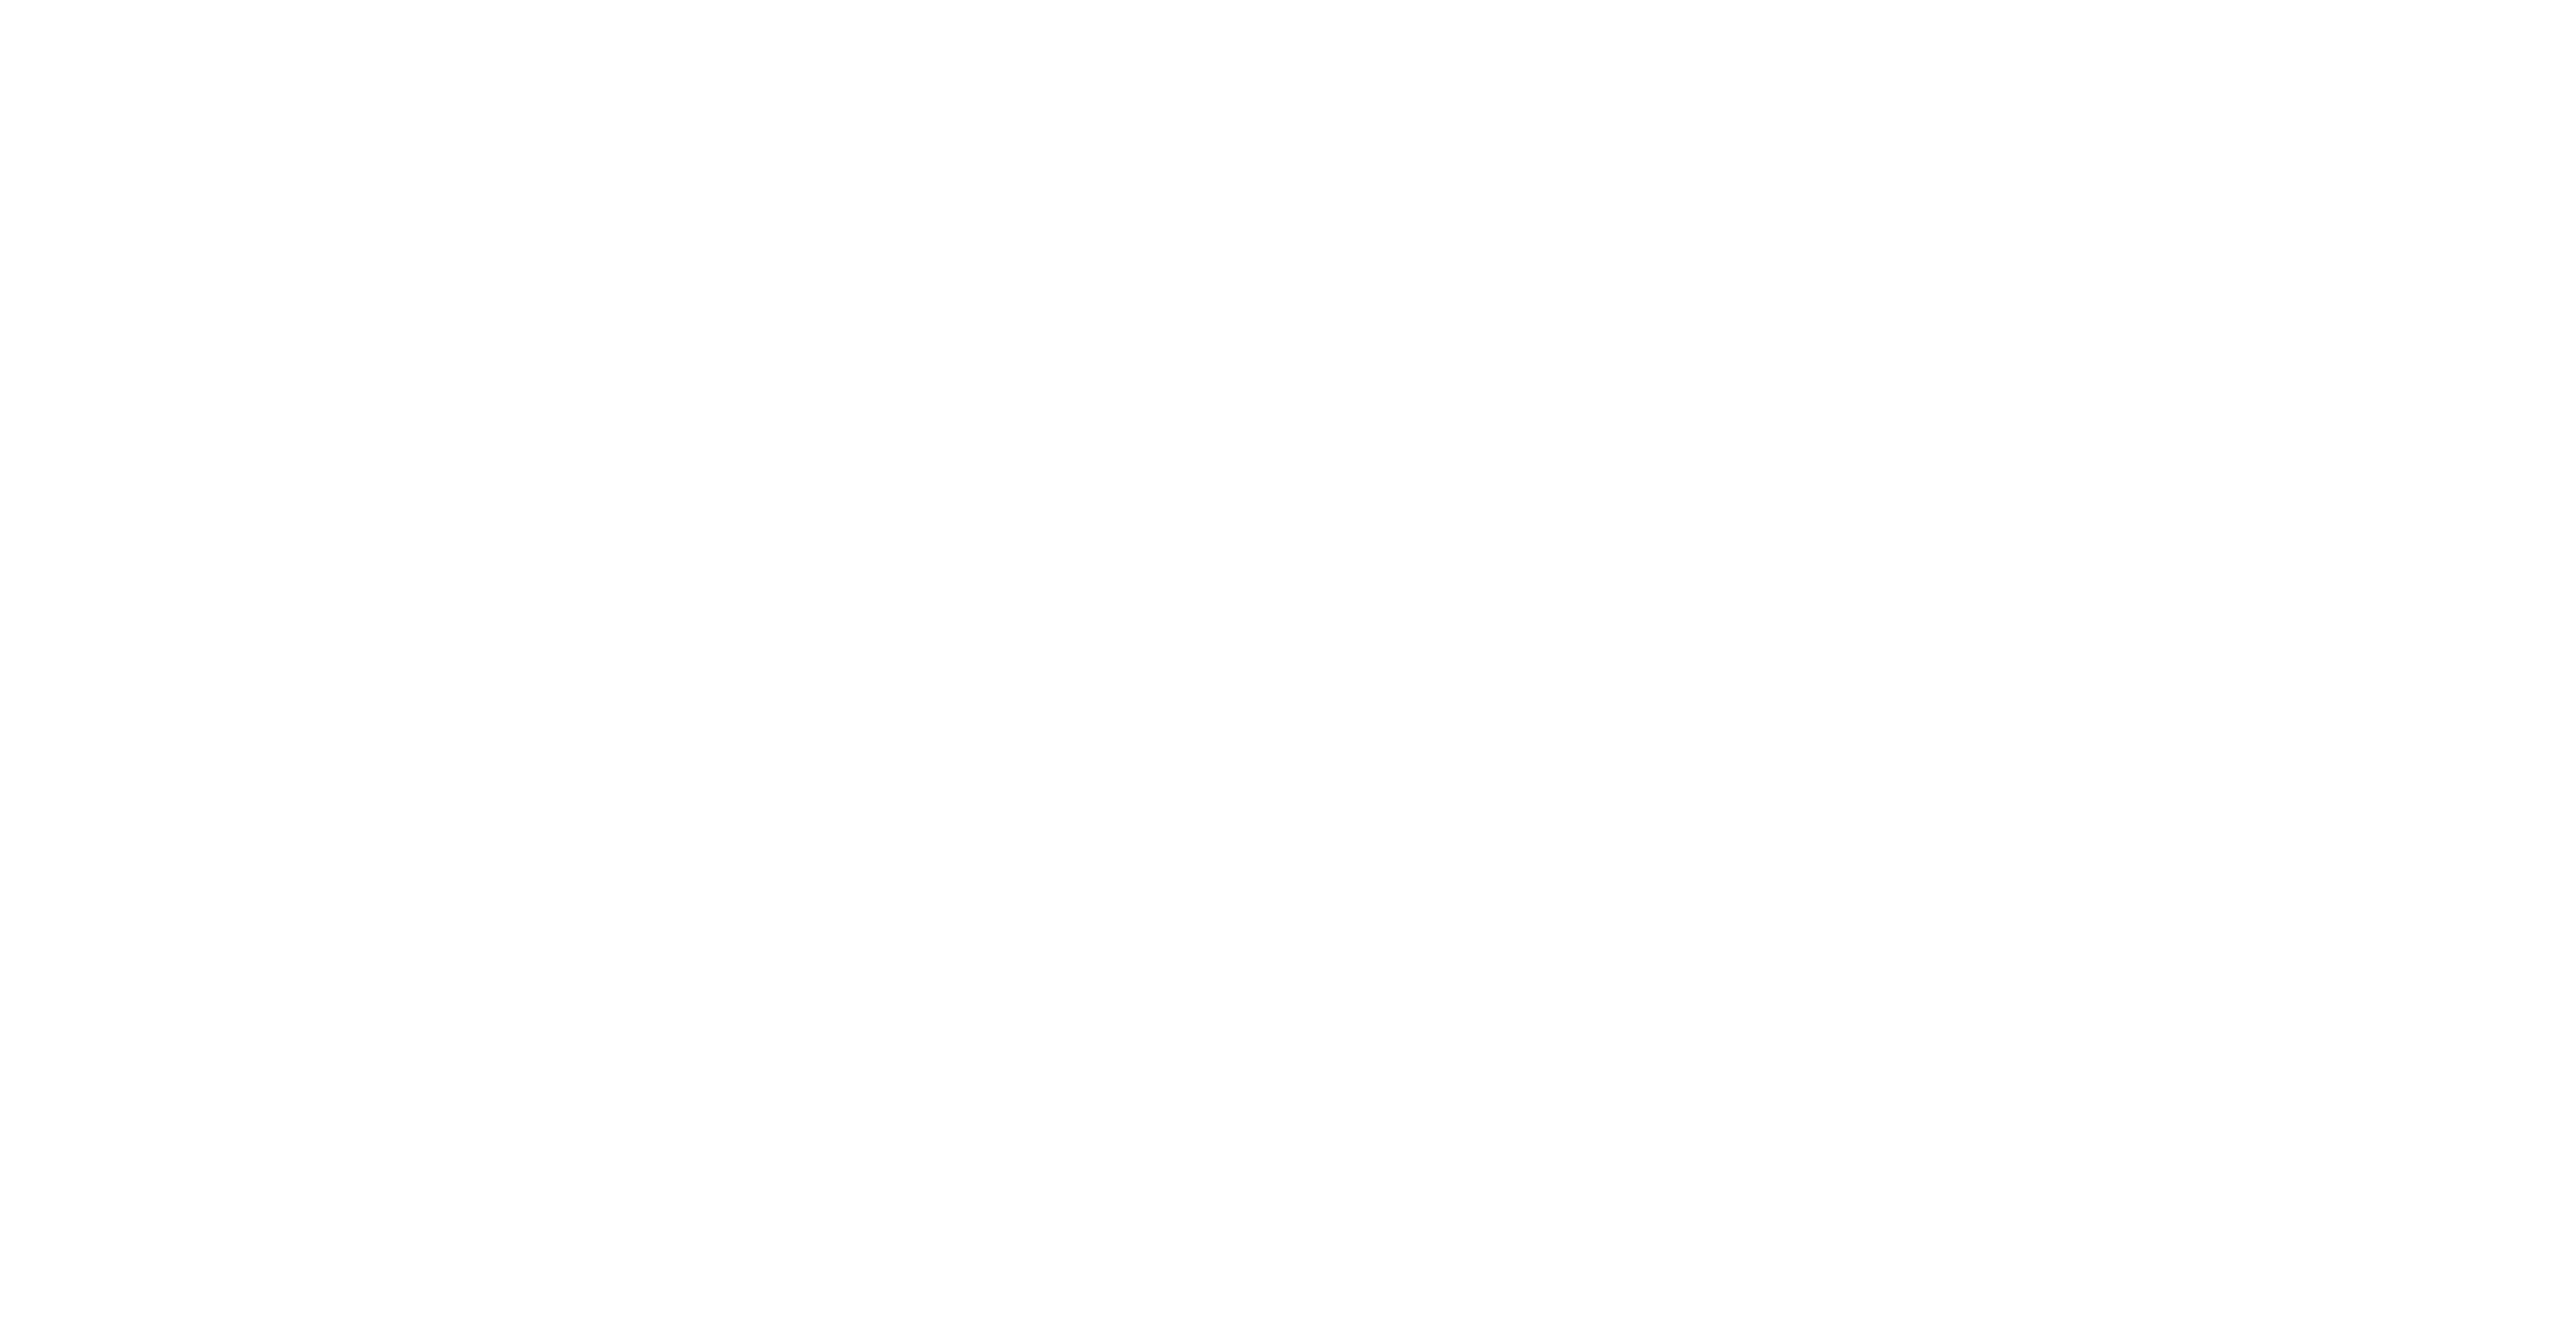 Copie de Lectures-Plurielles-Logotype-Blanc (1)